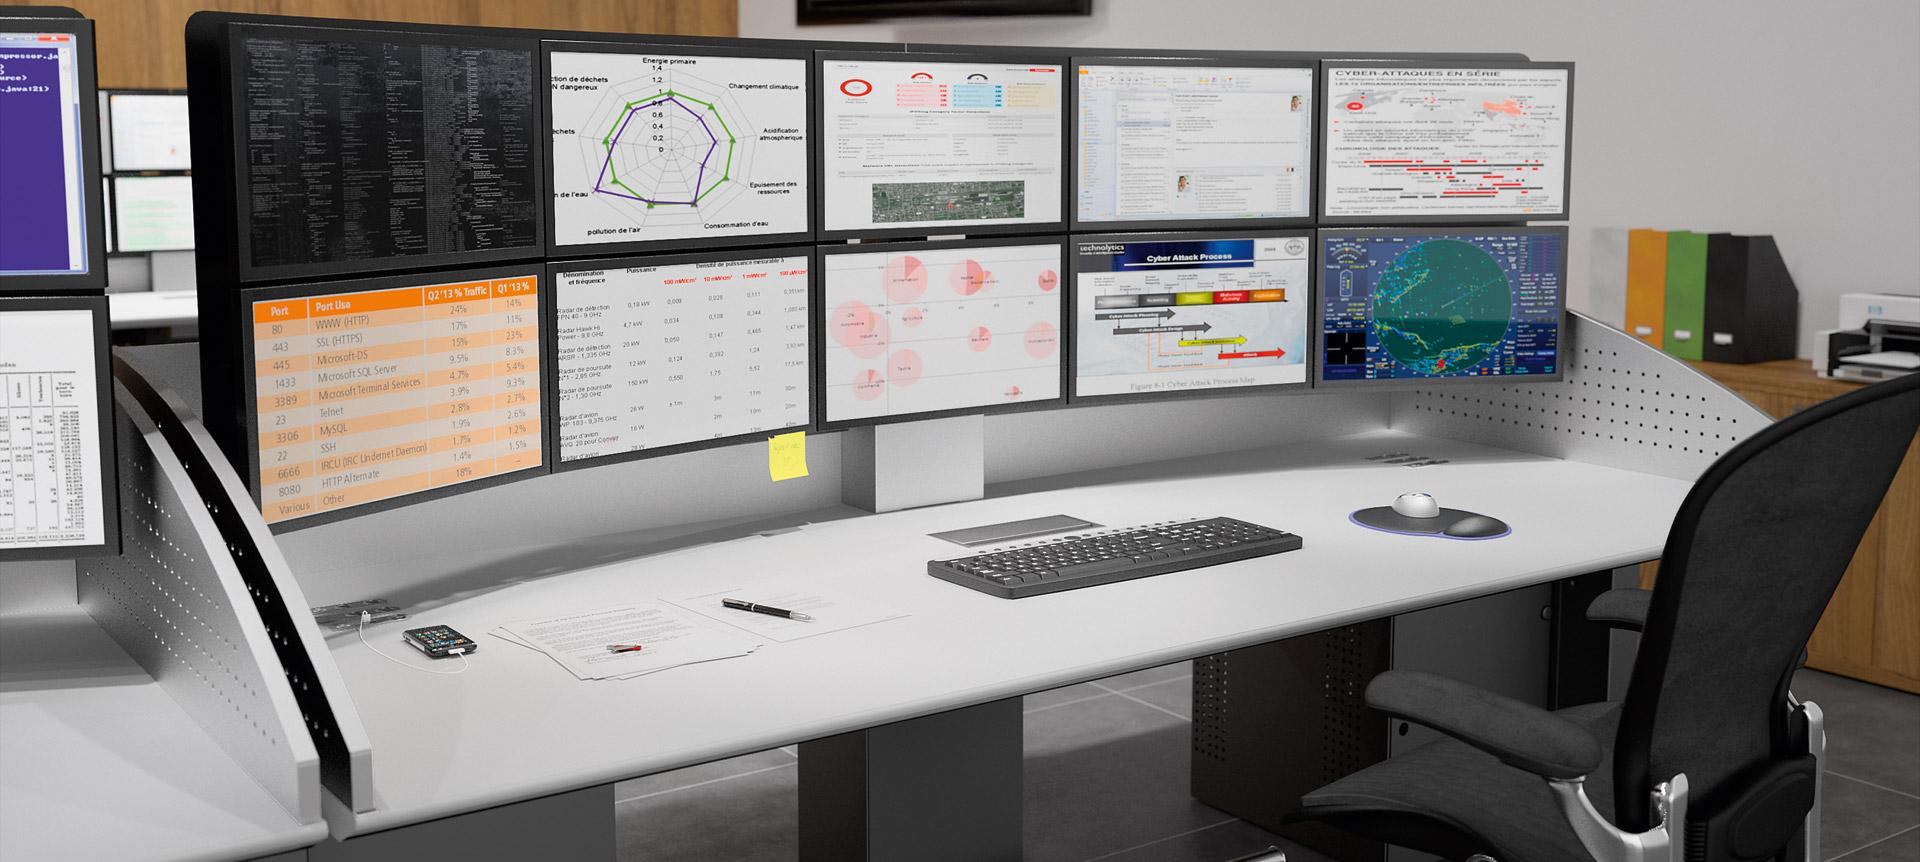 CRAIE DESIGN - I-KUBE - Multiscreen and ergonomic work station